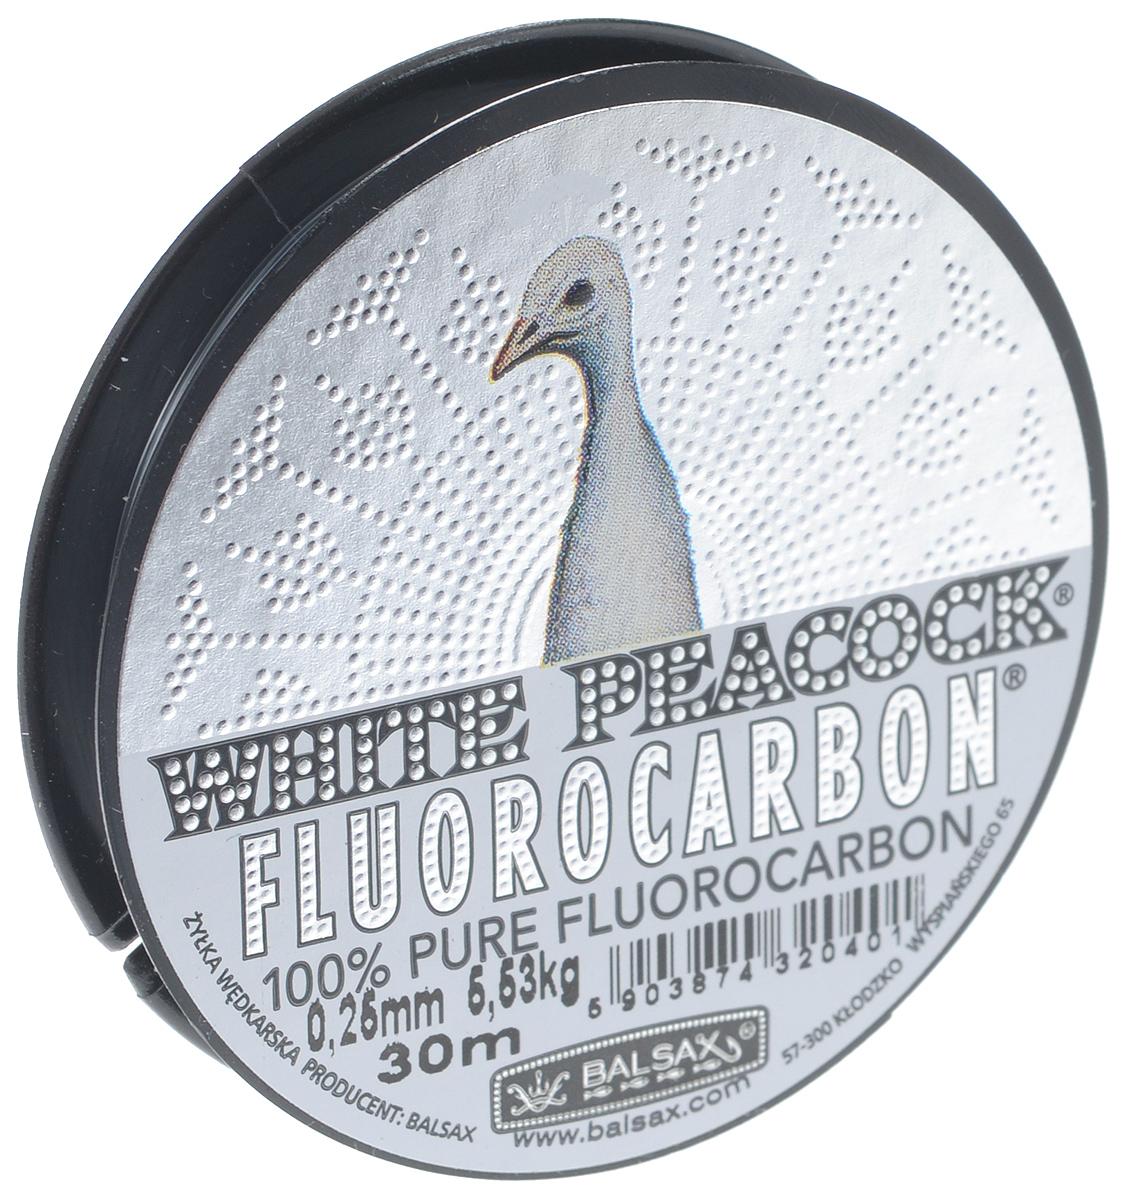 Леска Balsax White Peacock Fluorocarbon, сечение 0,25 мм, длина 30 м26769Леска зимняя Balsax White Peacock Fluorocarbon выполнена из флюорокарбона, благодаря которому она становится абсолютно невидимой в воде. Обычные лески отражают световые лучи, поэтому рыбы их обнаруживают. Флюорокарбон имеет приближенный к воде коэффициент преломления, поэтому пропускает сквозь себя свет, не давая отражений. Рыбы не видят флюорокарбон. Многие рыболовы во всем мире используют подобные лески в качестве поводковых, благодаря чему получают лучшие результаты. Флюорокарбон на 50% тяжелее обычных лесок и на 78% тяжелее воды. Понятно, почему этот материал используется для рыболовных лесок, он тонет очень быстро. Флюорокарбон не впитывает воду даже через 100 часов нахождения в ней. Обычные лески впитывают до 10% воды в течение 24 часов, что приводит к потере 5-10% прочности. Флюорокарбон не теряет прочности. Сопротивляемость флюорокарбона к истиранию значительно больше, чем у обычных лесок. Он выдерживает температуры от -40°C до +60°C.